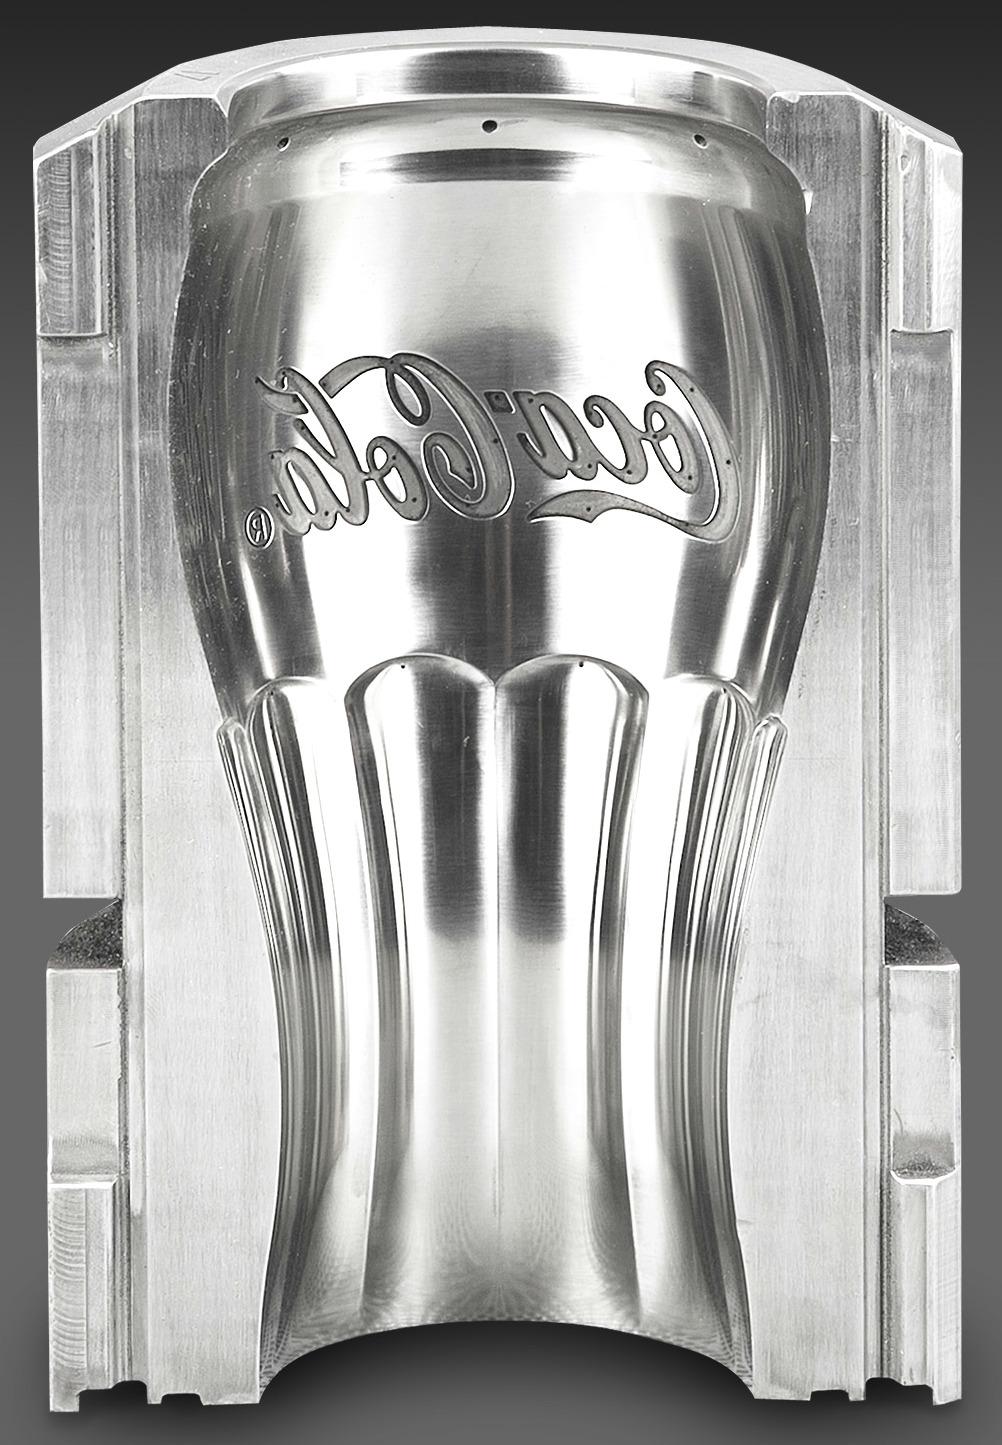 Coke cup press & Blow mould